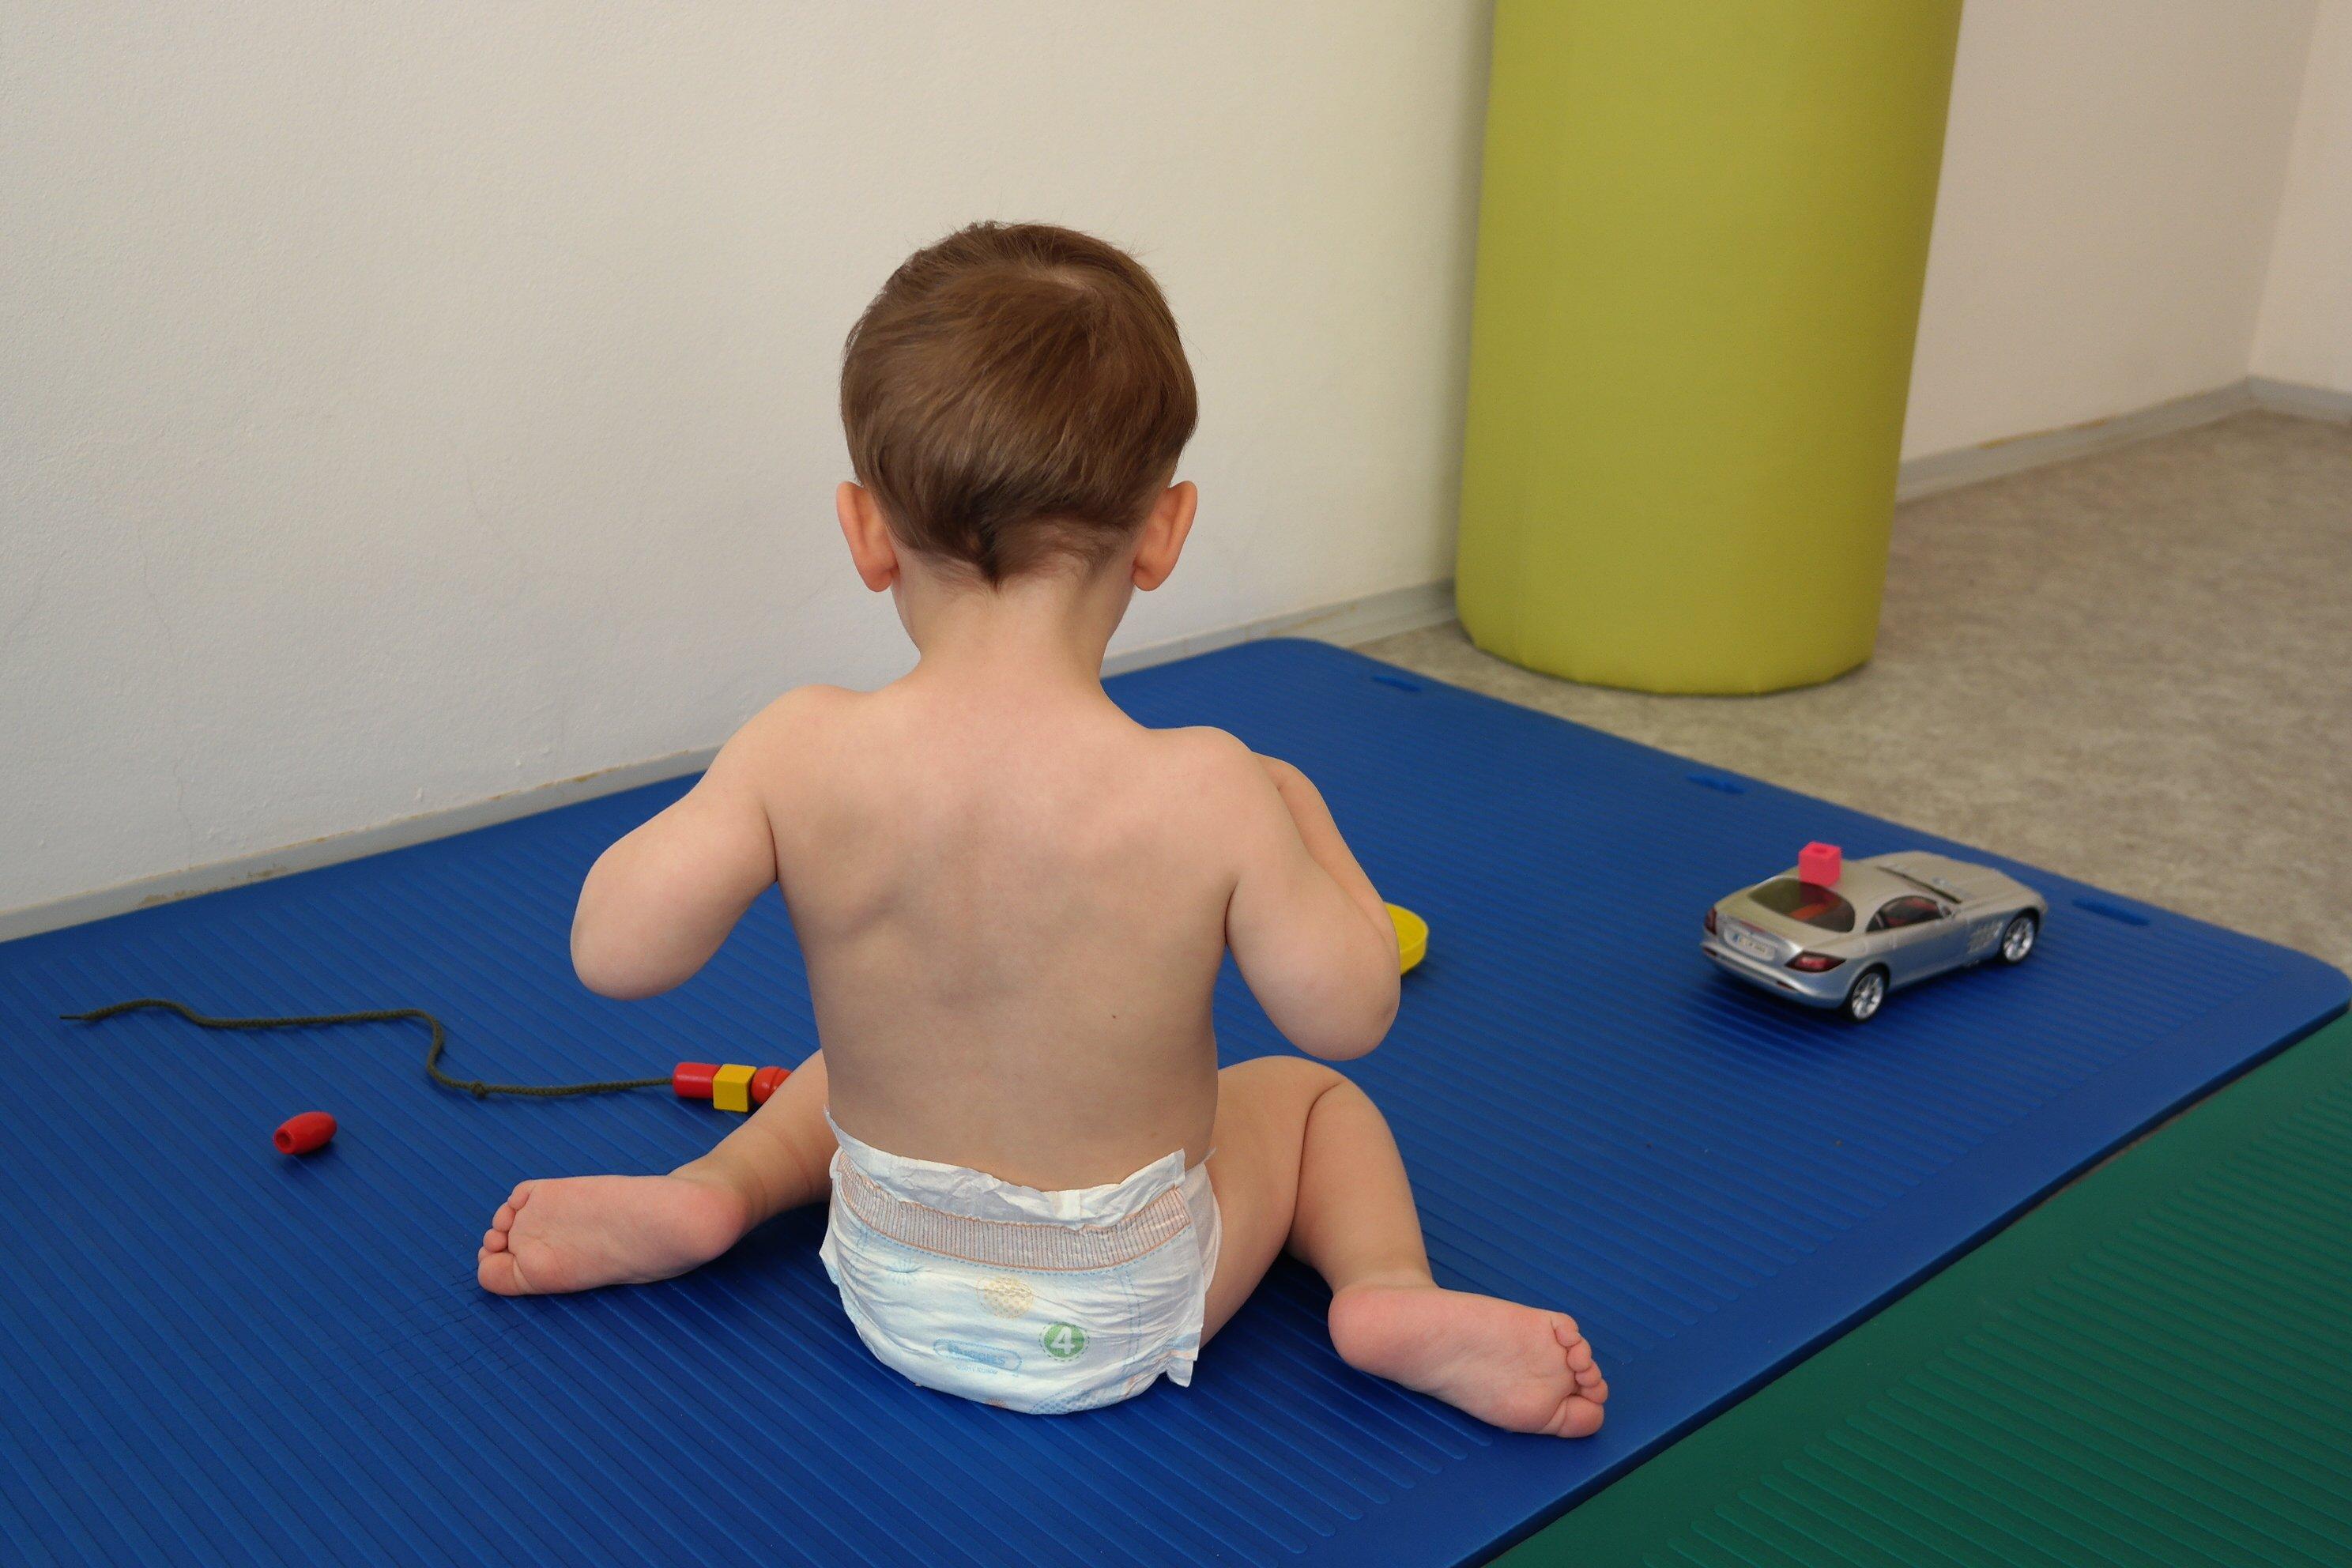 Vadné držení těla – jak mu předcházet - Šance Dětem 58447335c3